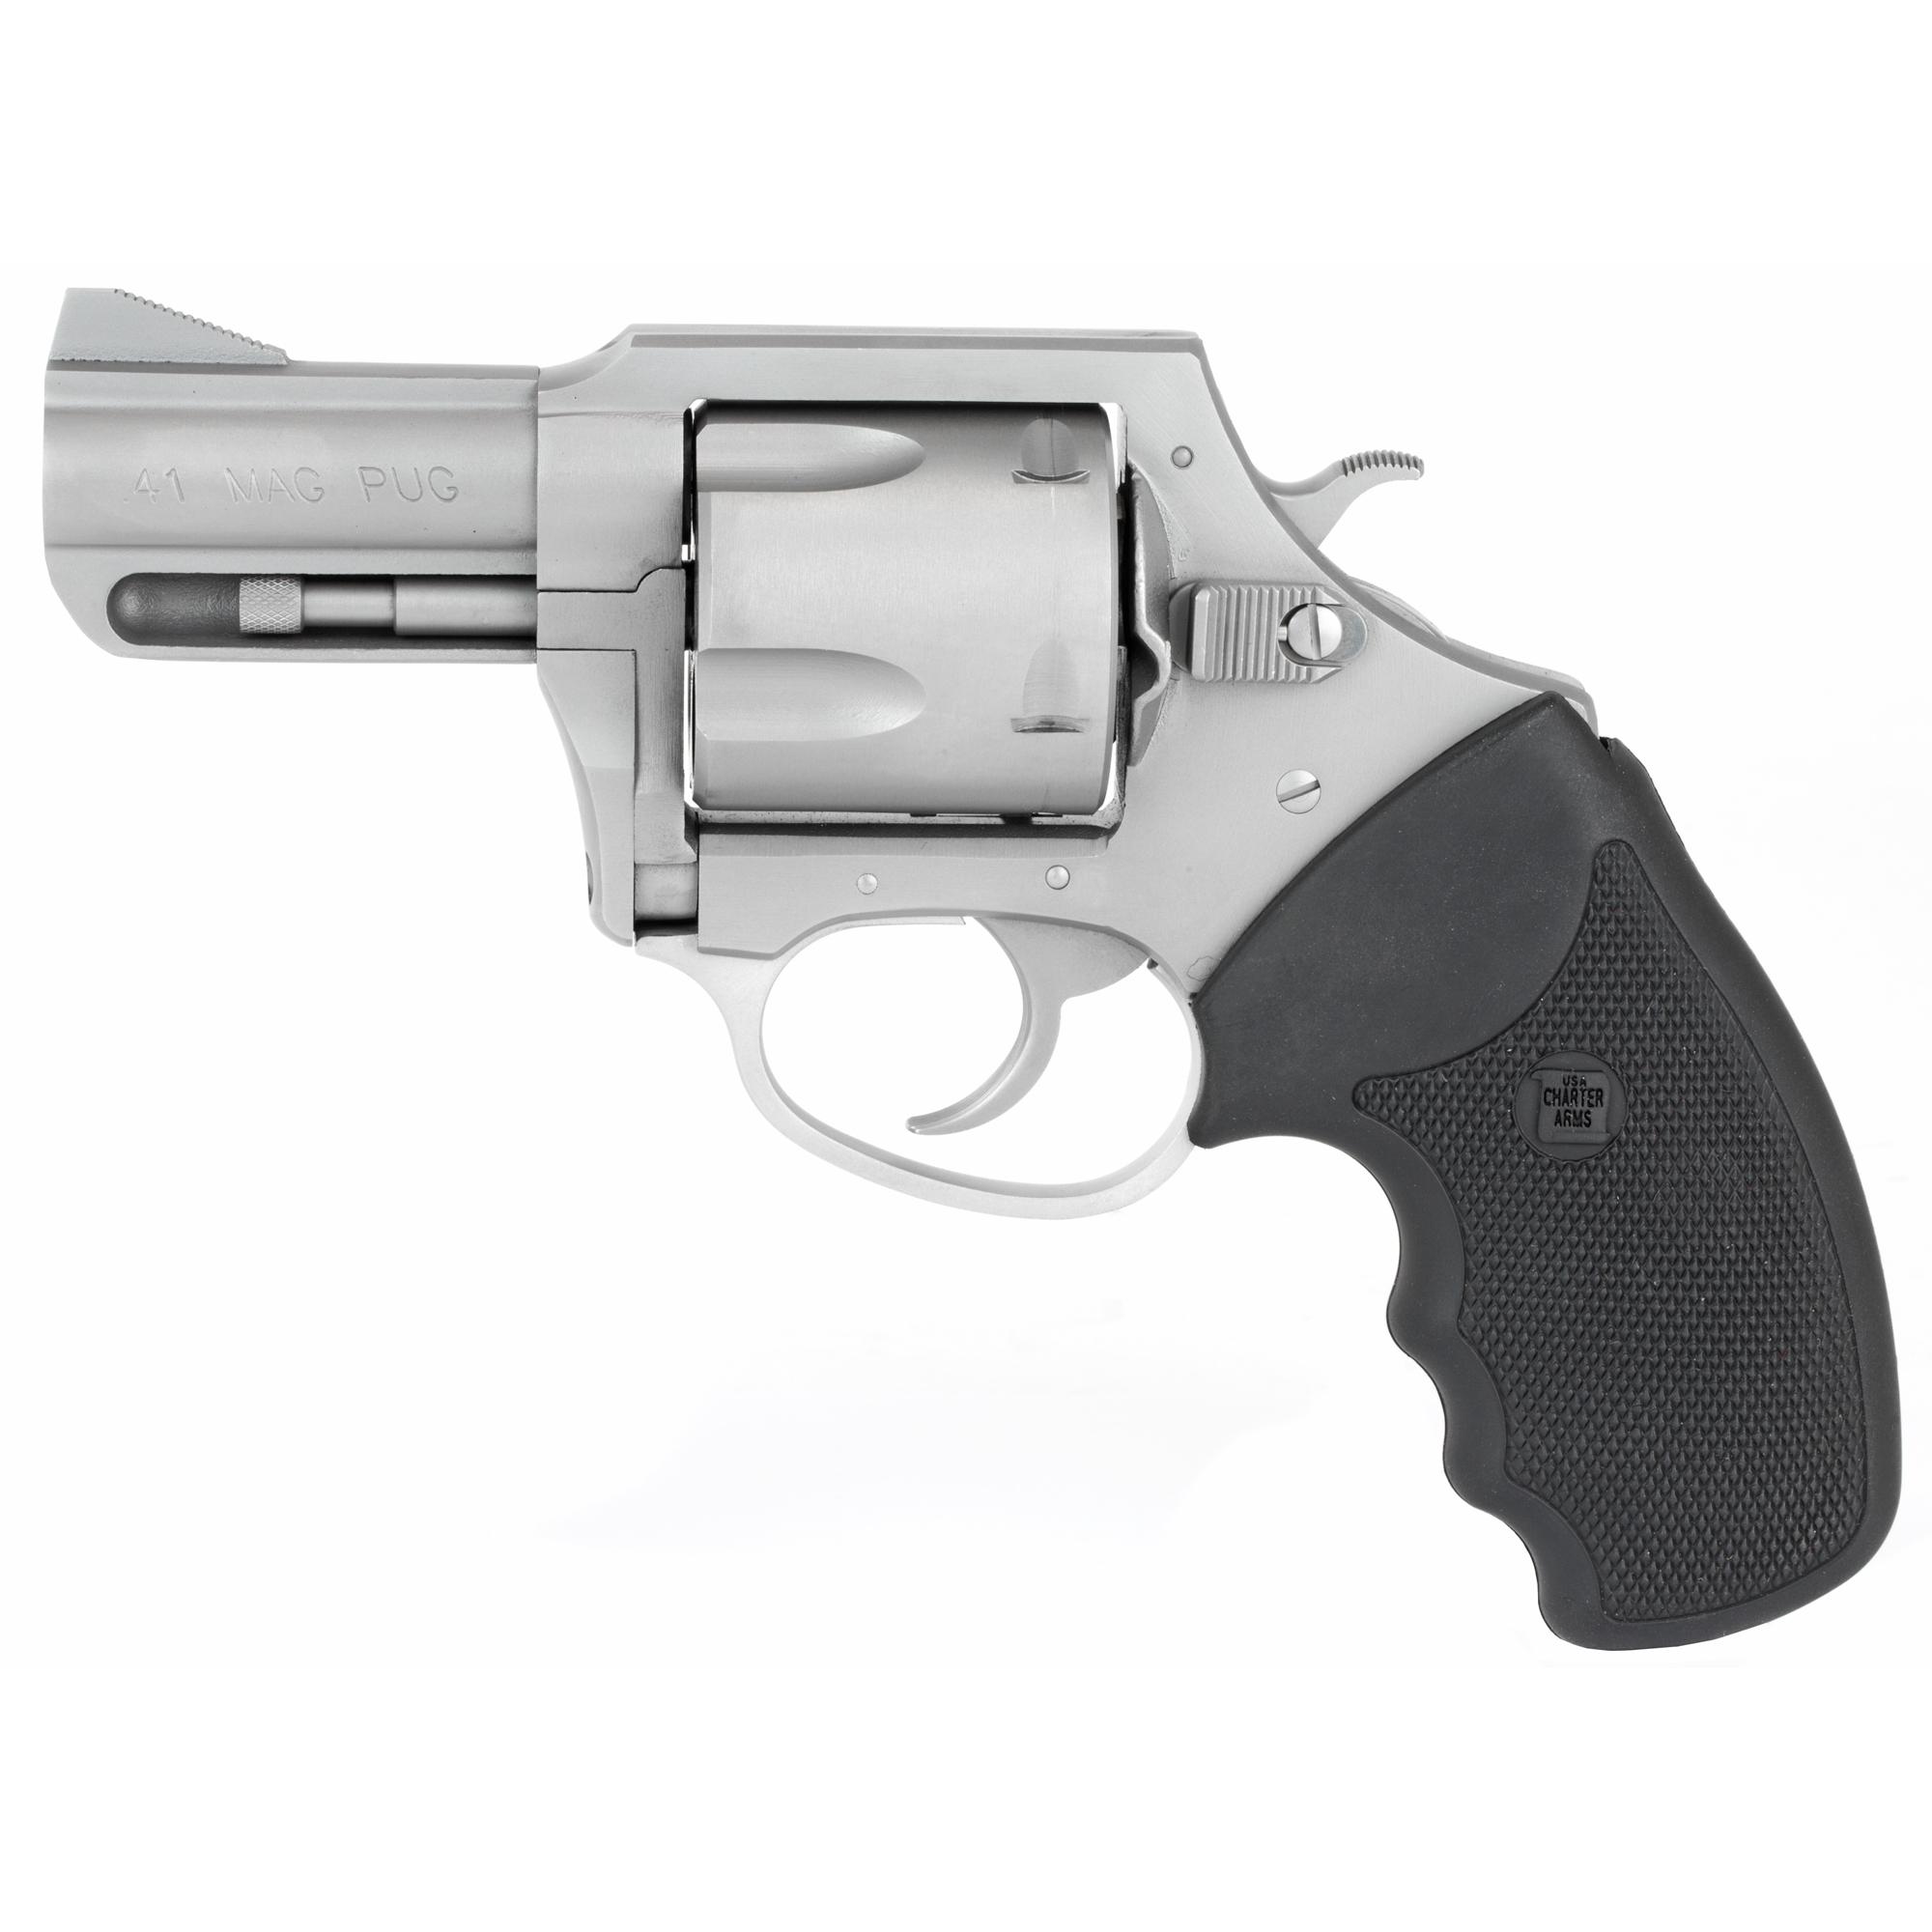 """Charter Arms Mag Pug .41mag 2.5"""" Ss"""